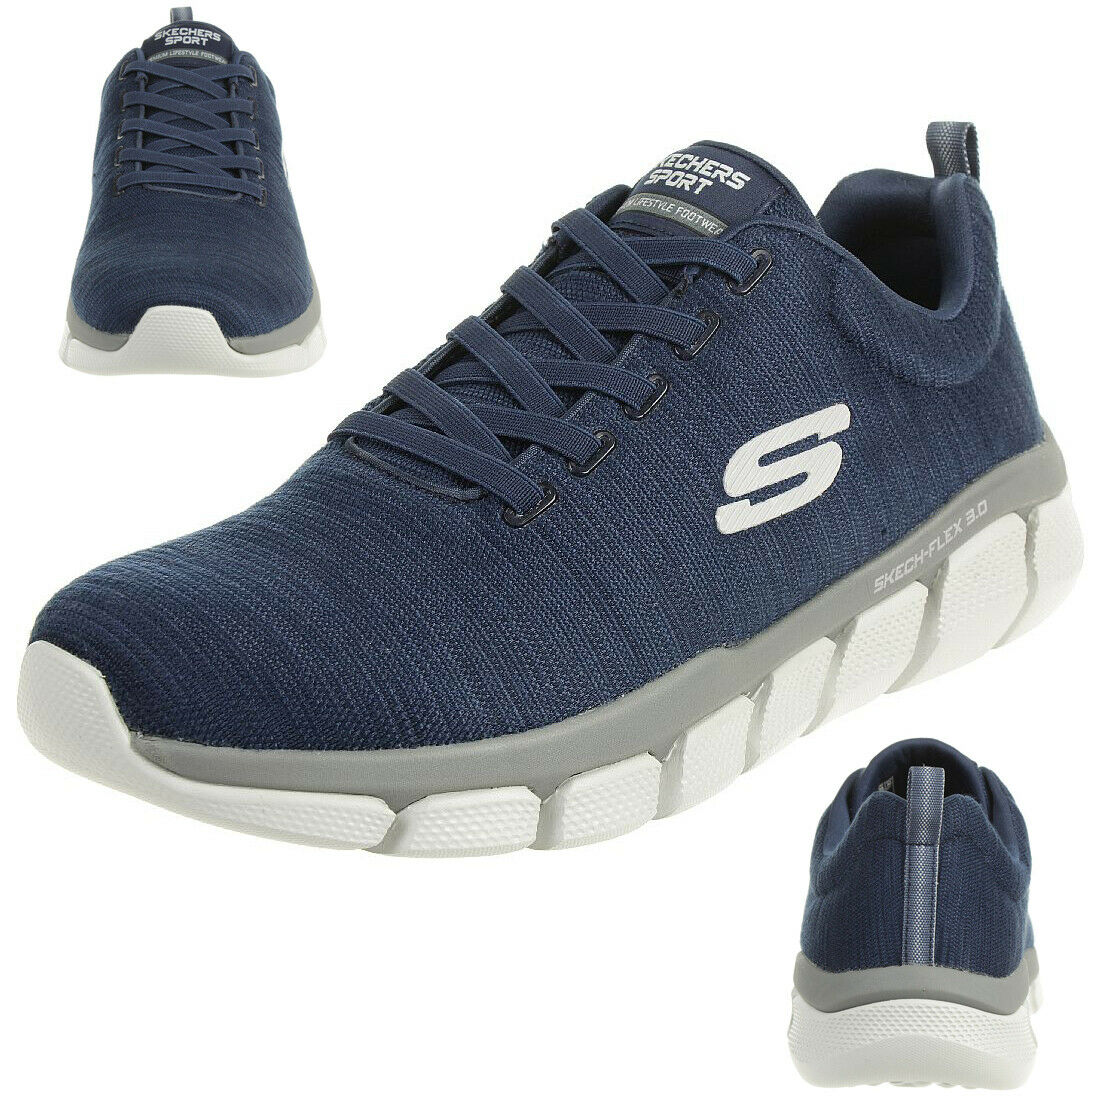 Skechers Halbschuh Blau: : Schuhe & Handtaschen